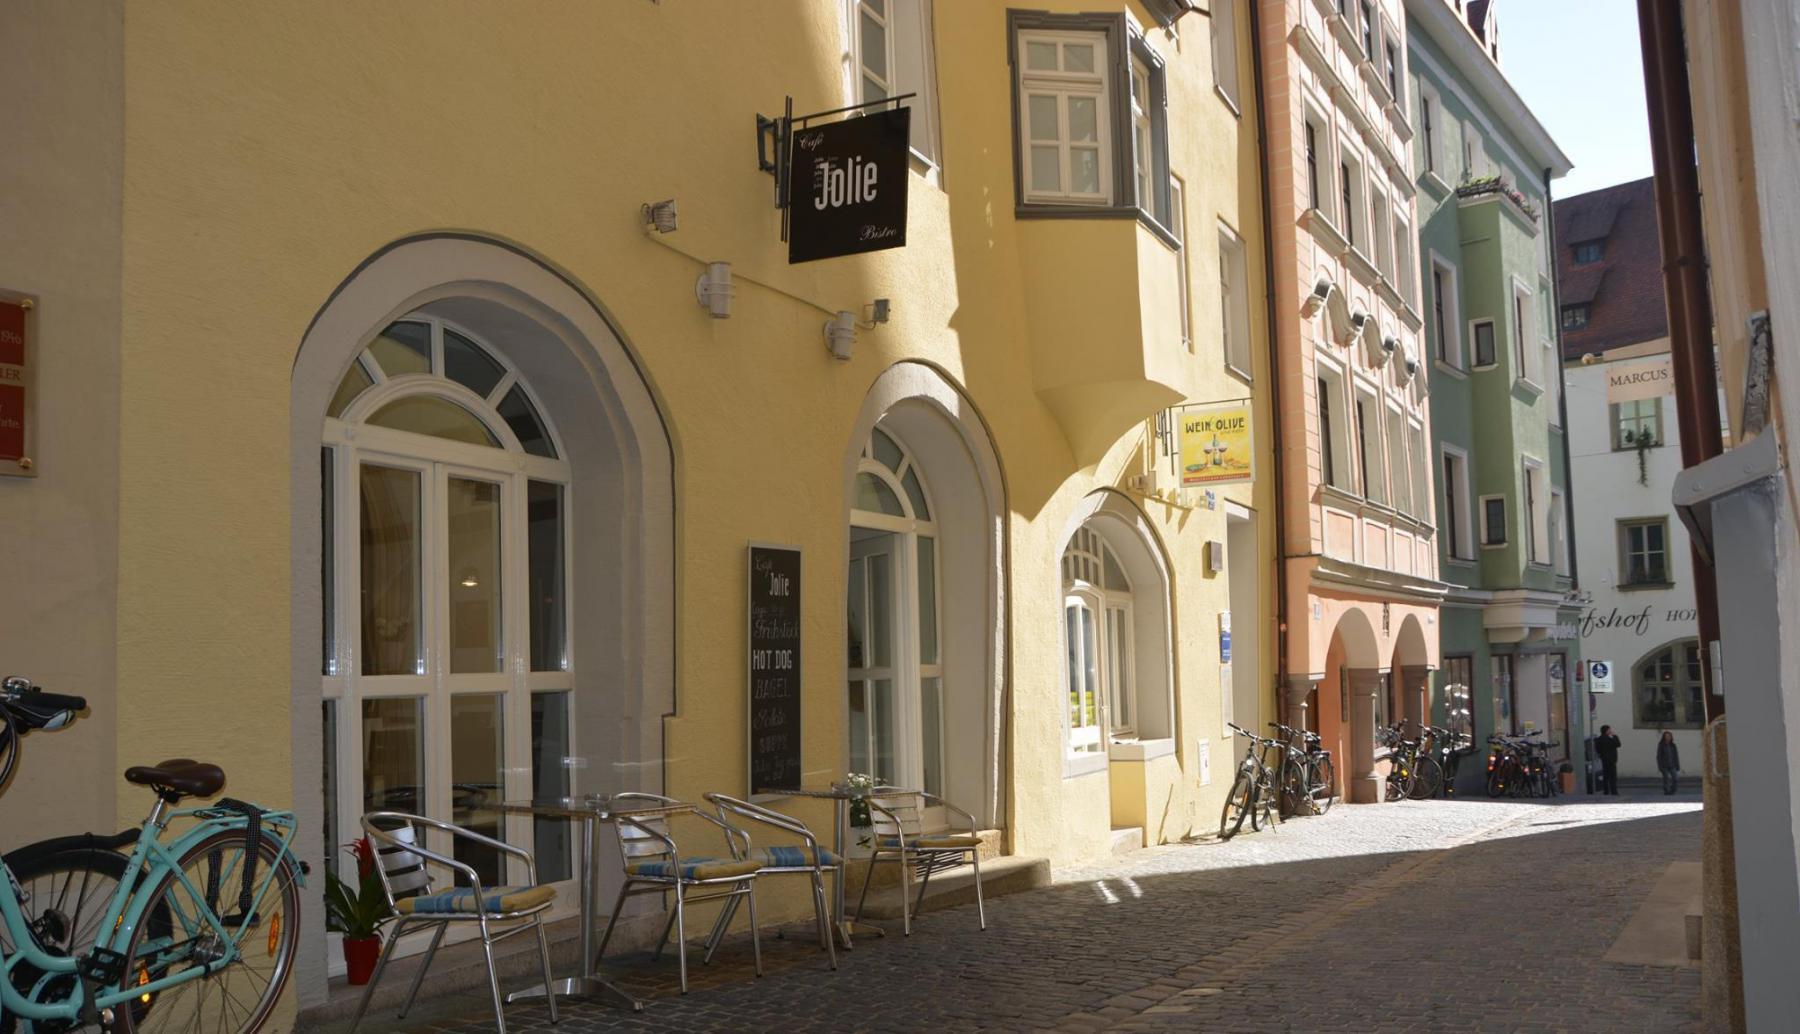 Cafe Jolie Am Watmarkt 7 Einkaufen Regensburgde